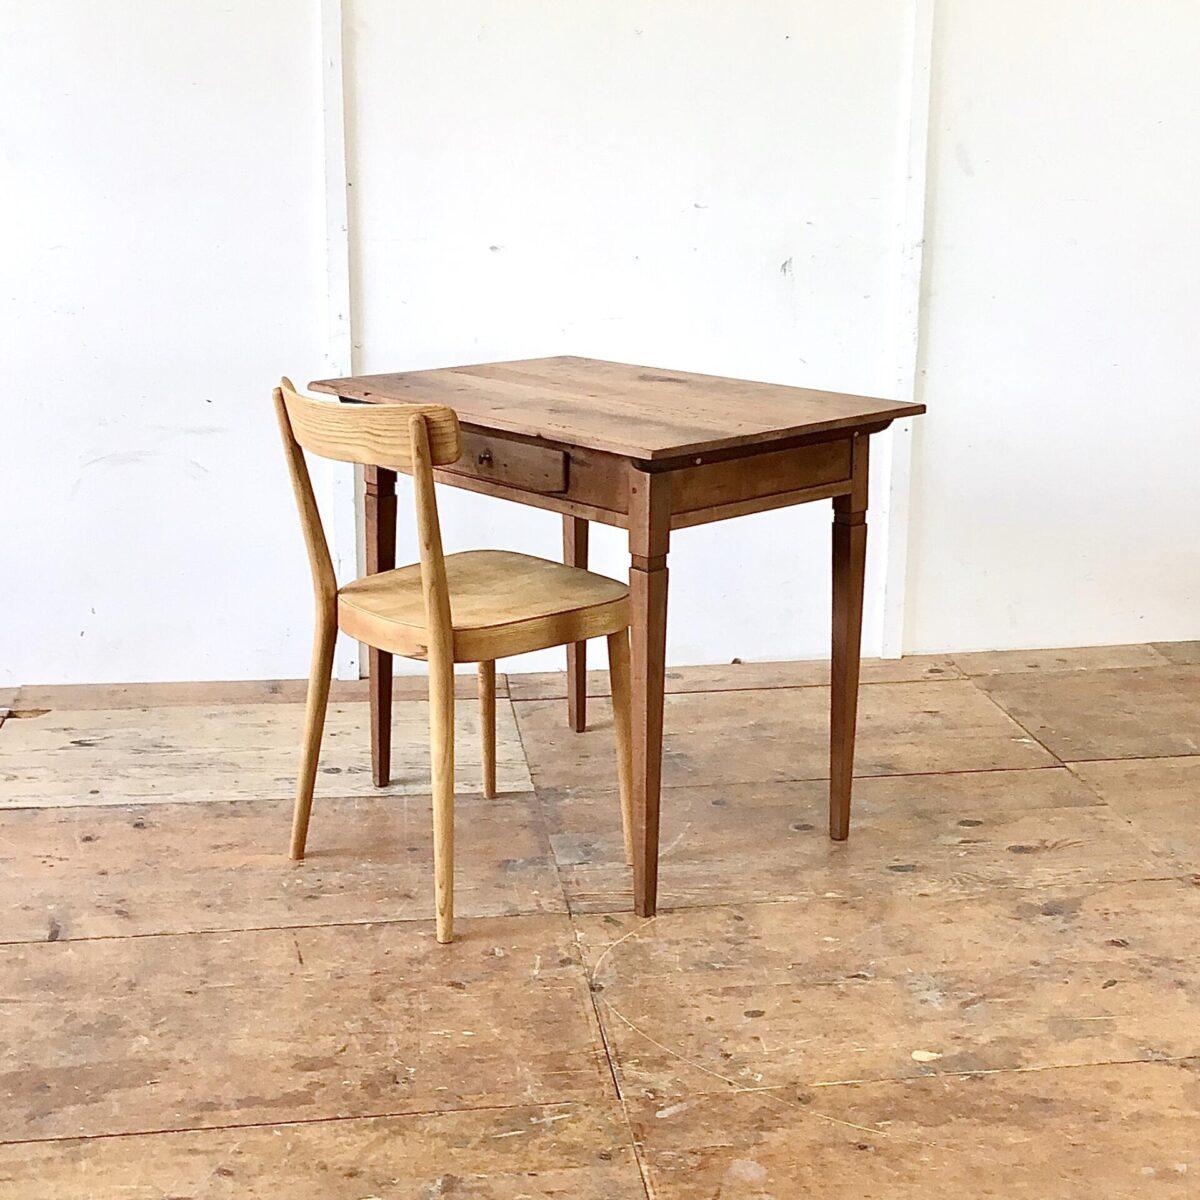 Kleiner Biedermeier Schreibtisch mit Schublade aus Nussbaumholz. 88.5x61.5cm Höhe 74.5cm. Der Tisch hat deutliche Altersspuren wie das leicht unebene Tischblatt mit Wurmlöchern und Alterspatina. Oder die abgebrochenen Ecken der Schubladenfront. Die Beine sind frisch verleimt und wieder stabil. Die Holz Oberflächen sind komplett geschliffen und mit Naturöl behandelt.